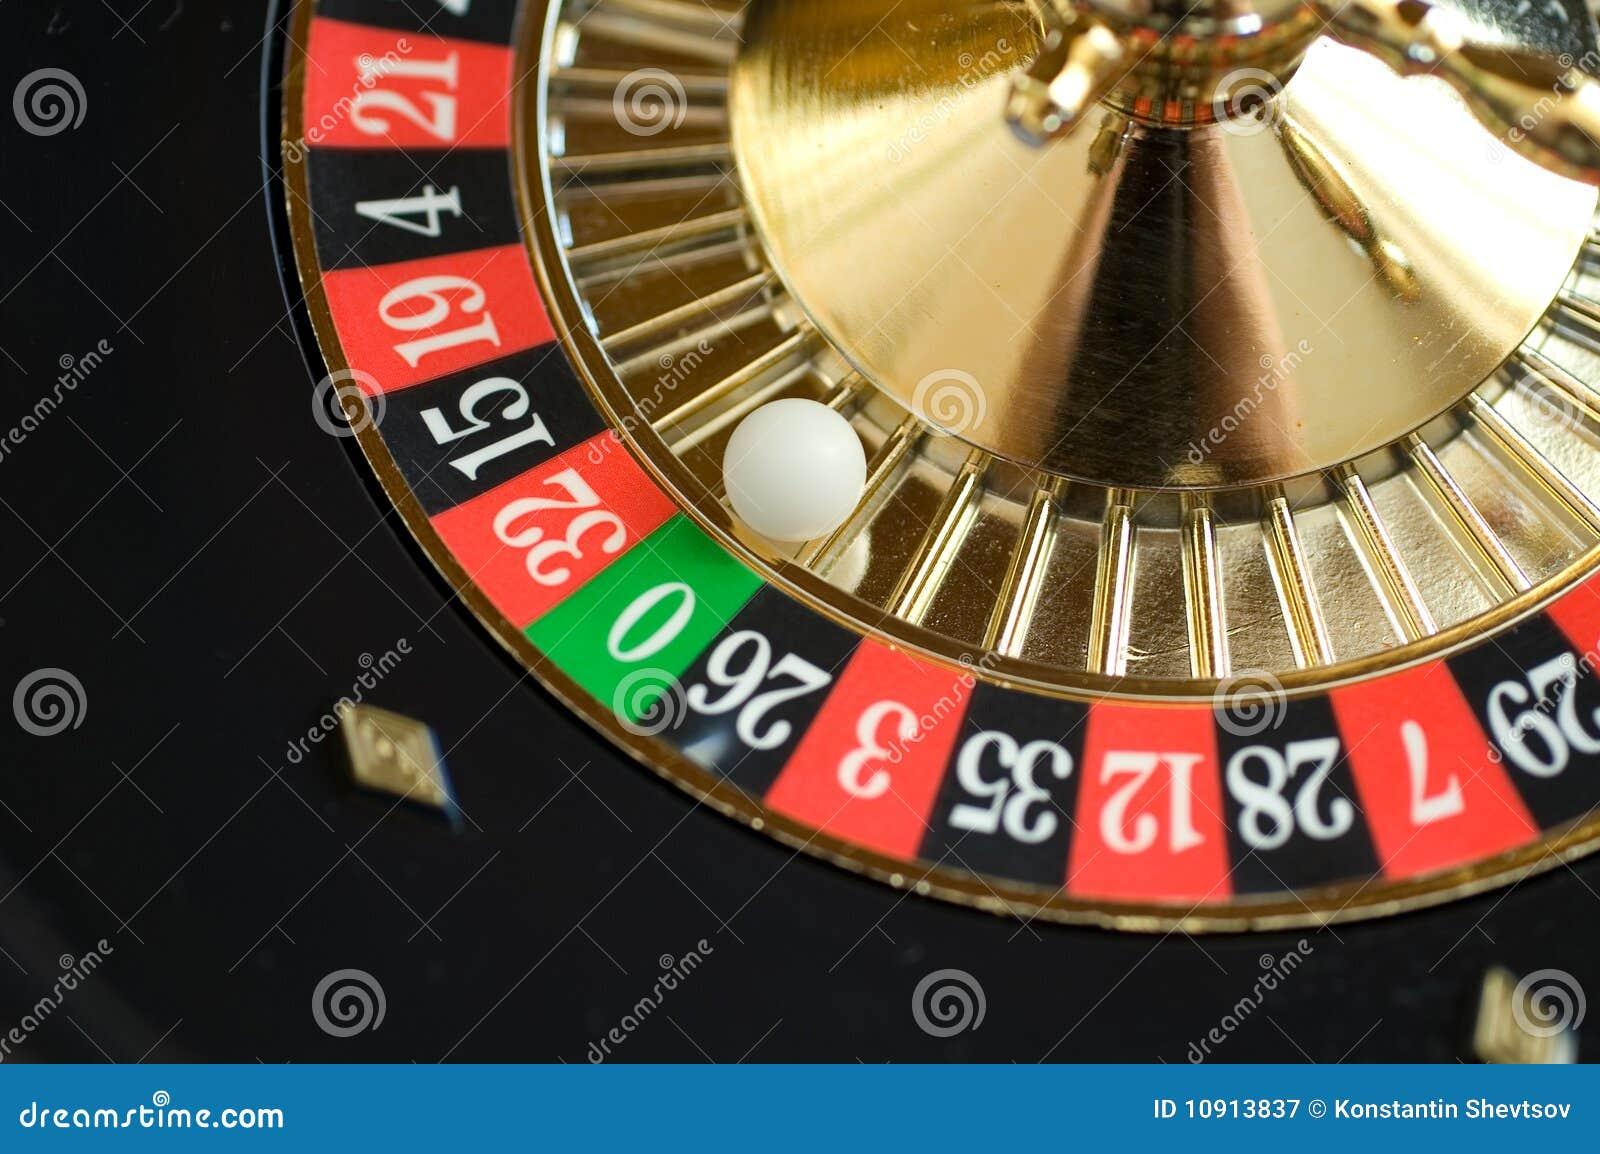 casino card game scoring